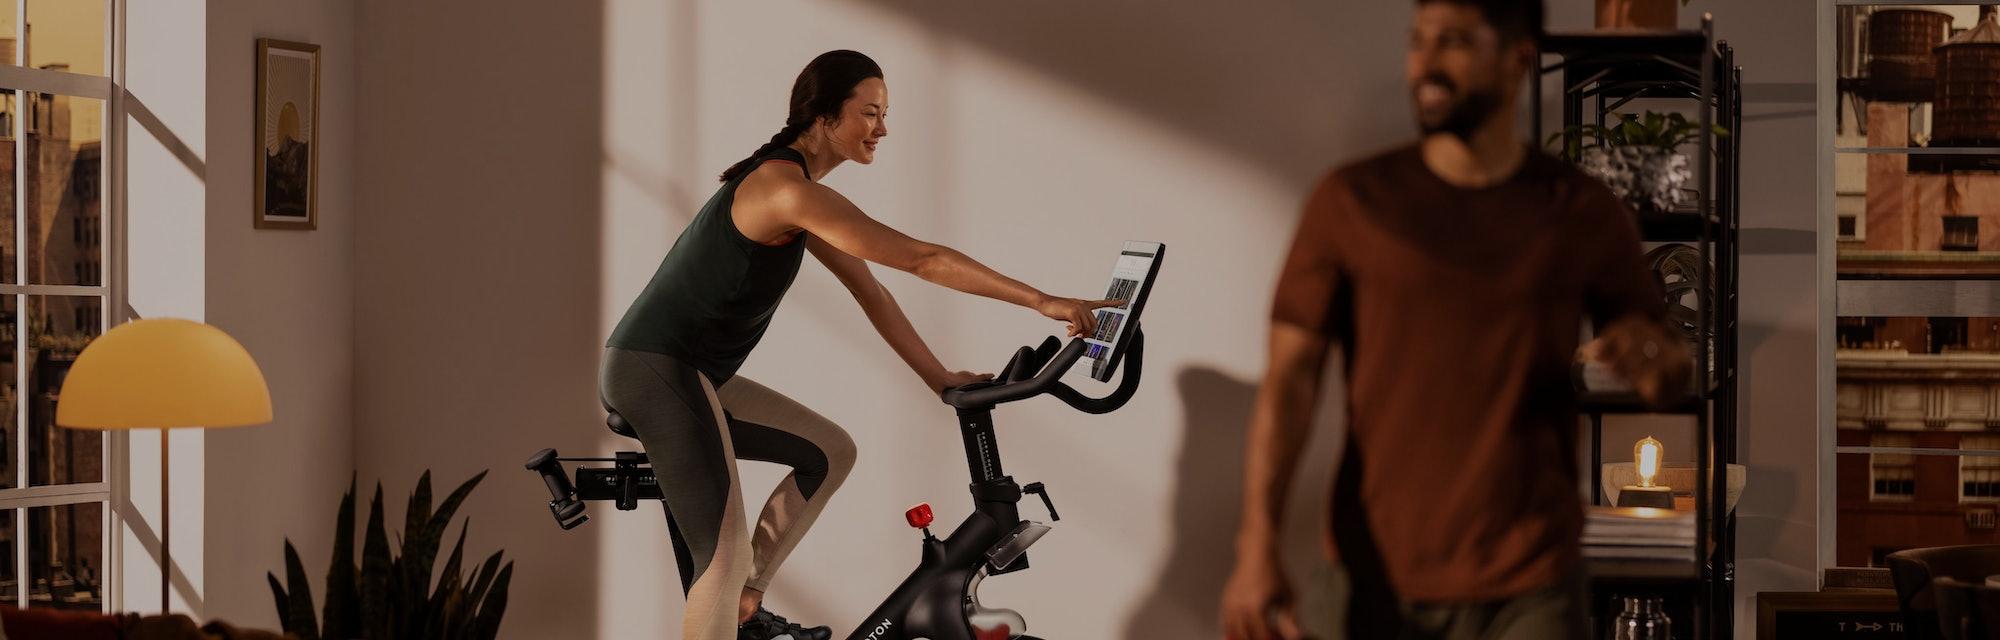 A woman riding a Peloton bike